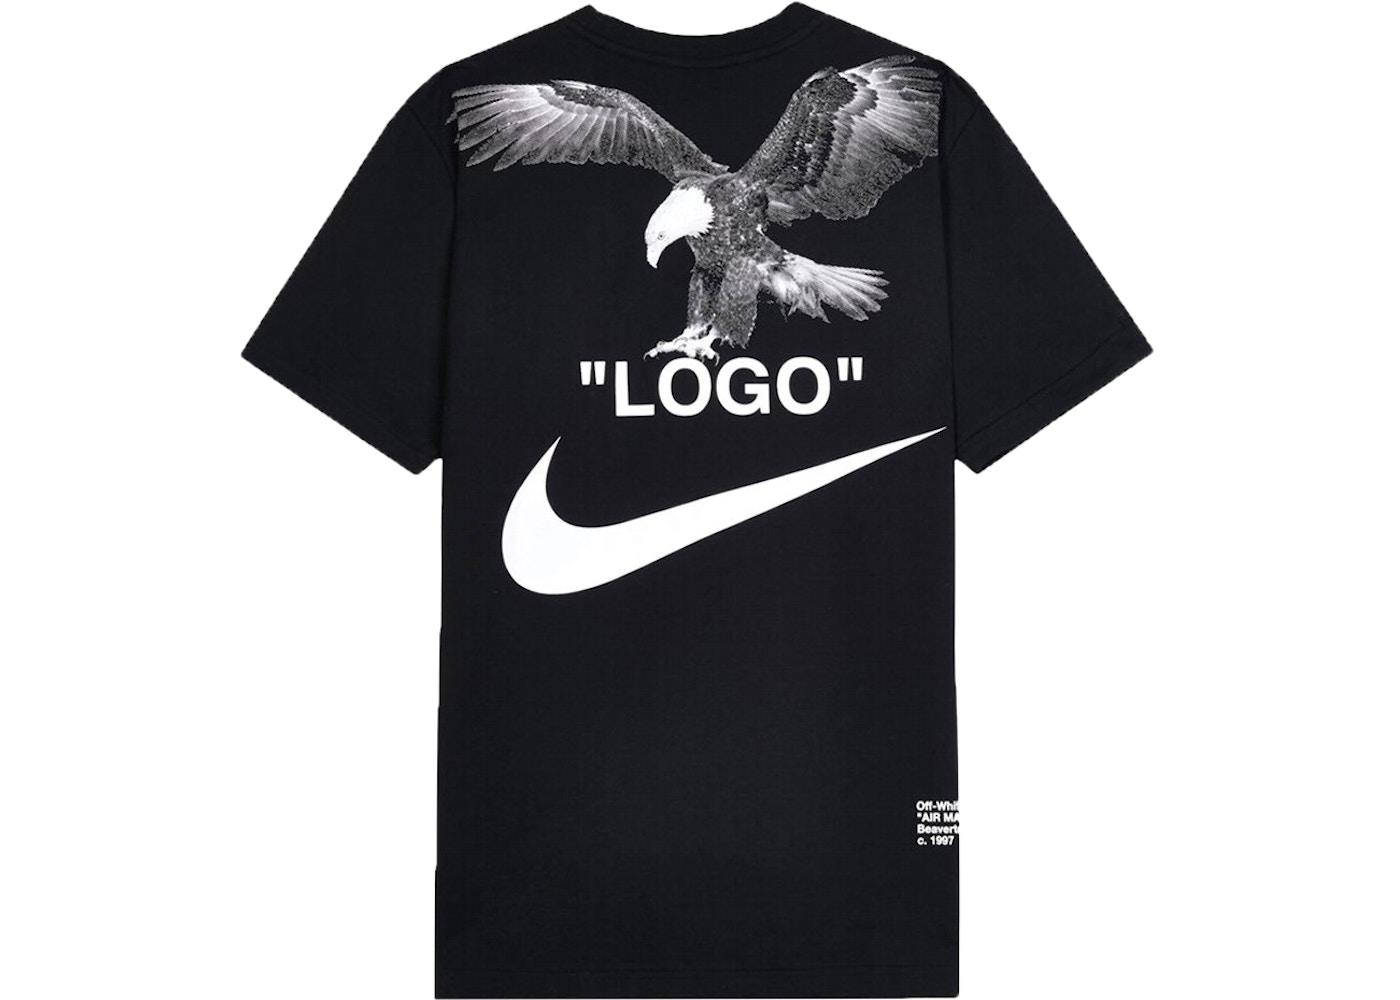 eaf6b7c8 OFF-WHITE x Nike NRG A6 Tee Black - FW18